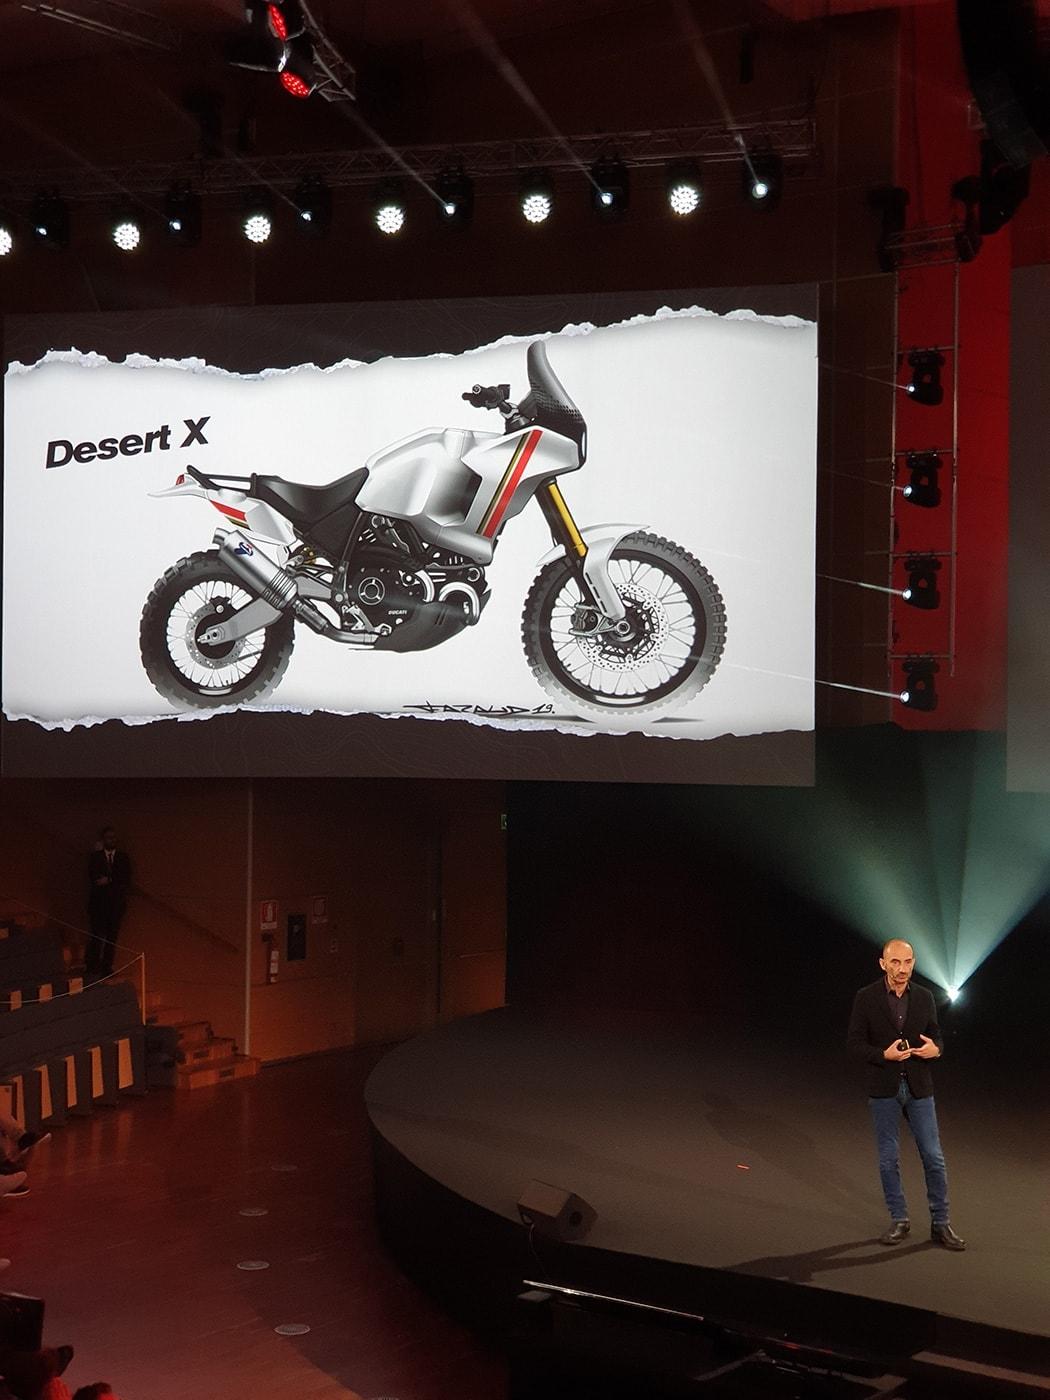 venduto in tutto il mondo nuovo design data di uscita: Ducati 2020, novità per il turismo e l'avventura - RoadBook